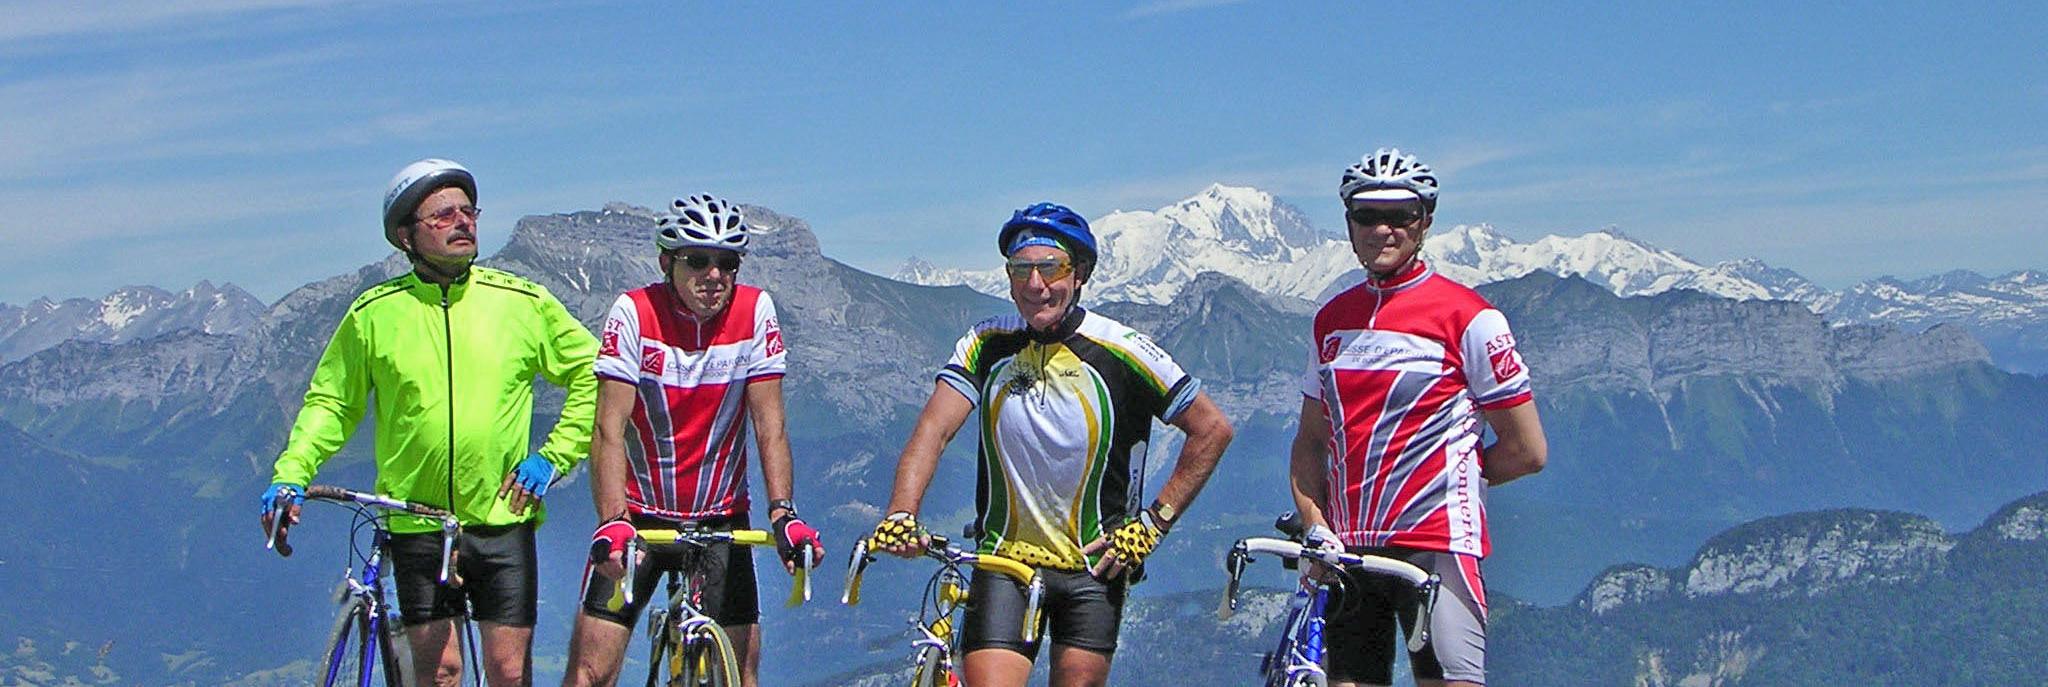 Le blog des Amis cyclotouristes